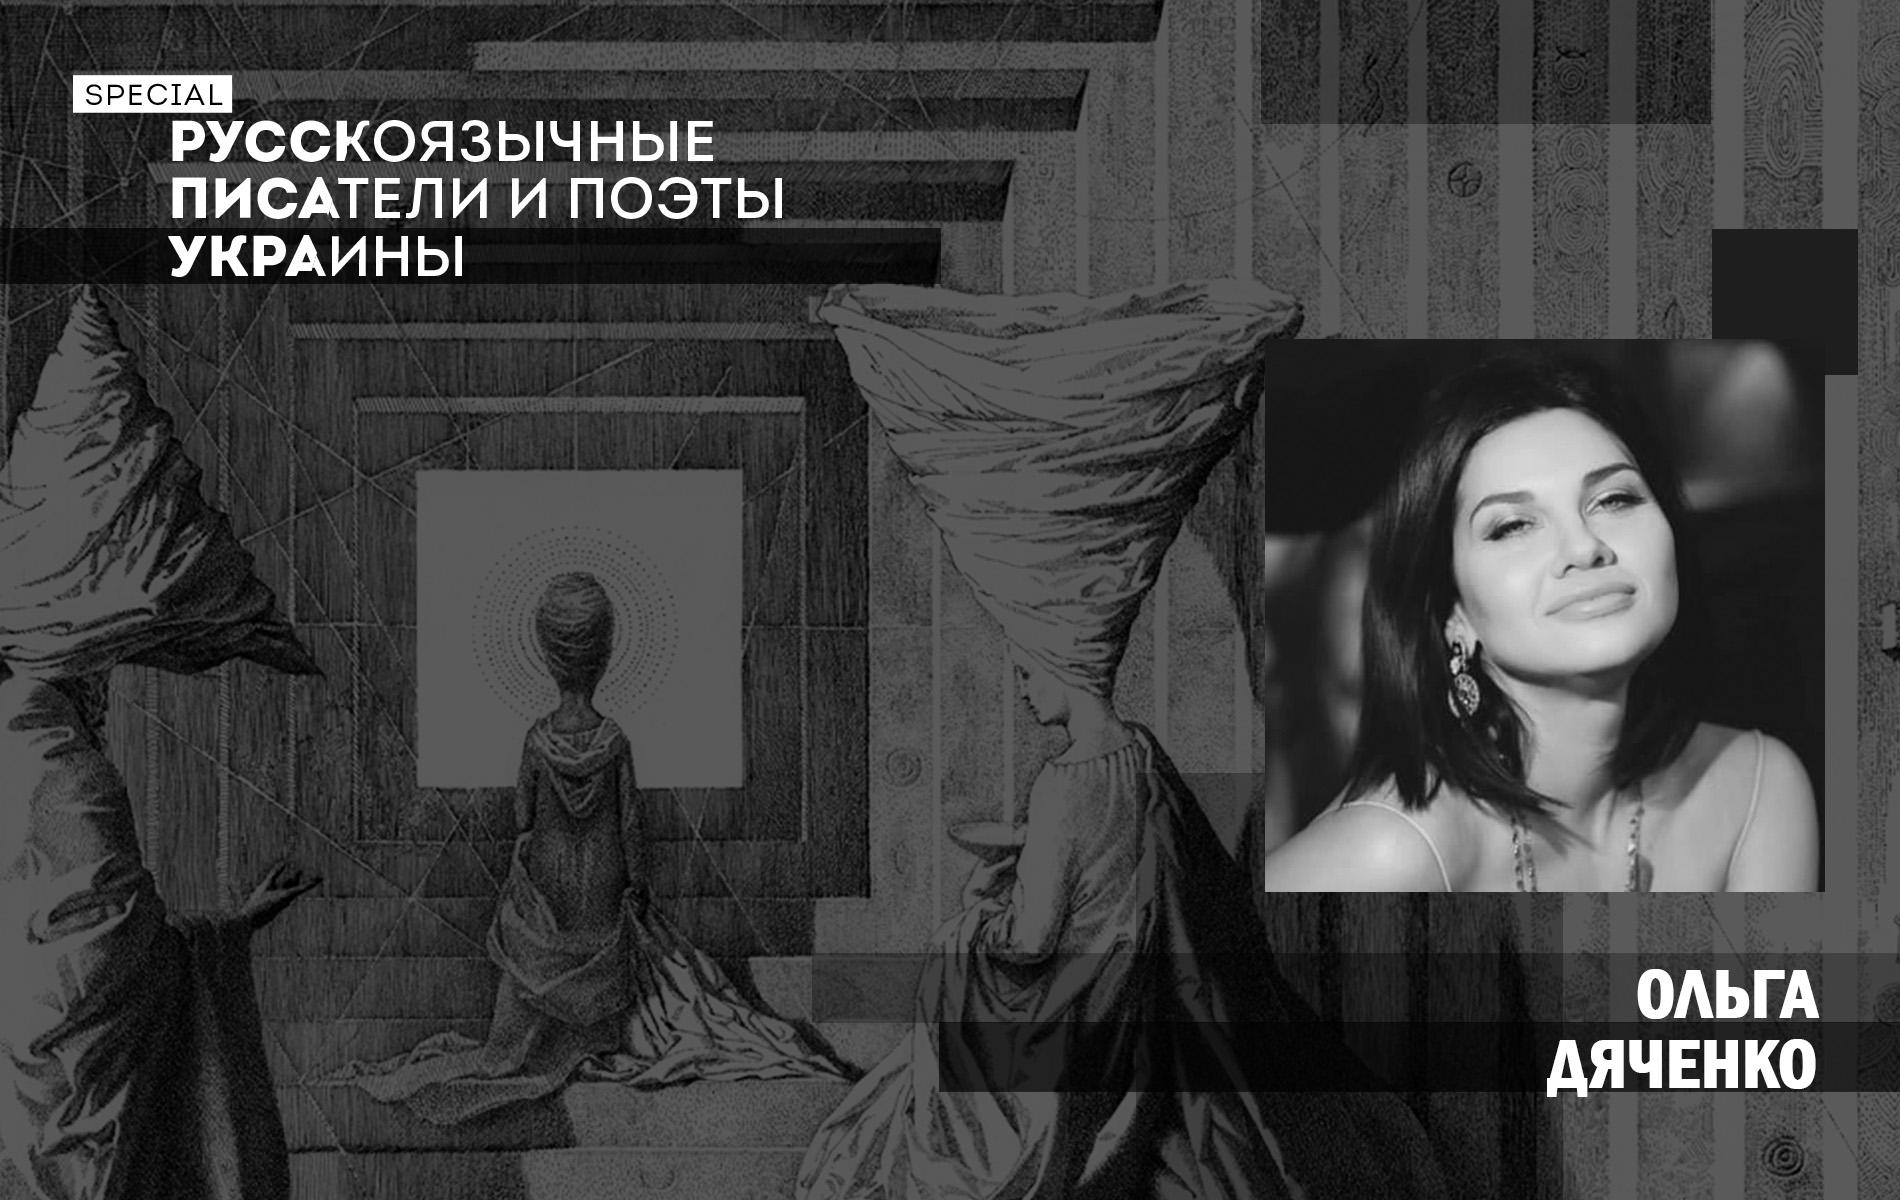 РУССКОЯЗЫЧНЫЕ ПИСАТЕЛИ И ПОЭТЫ УКРАИНЫ: творческое досье Ольги Дяченко (Эльги Мира)